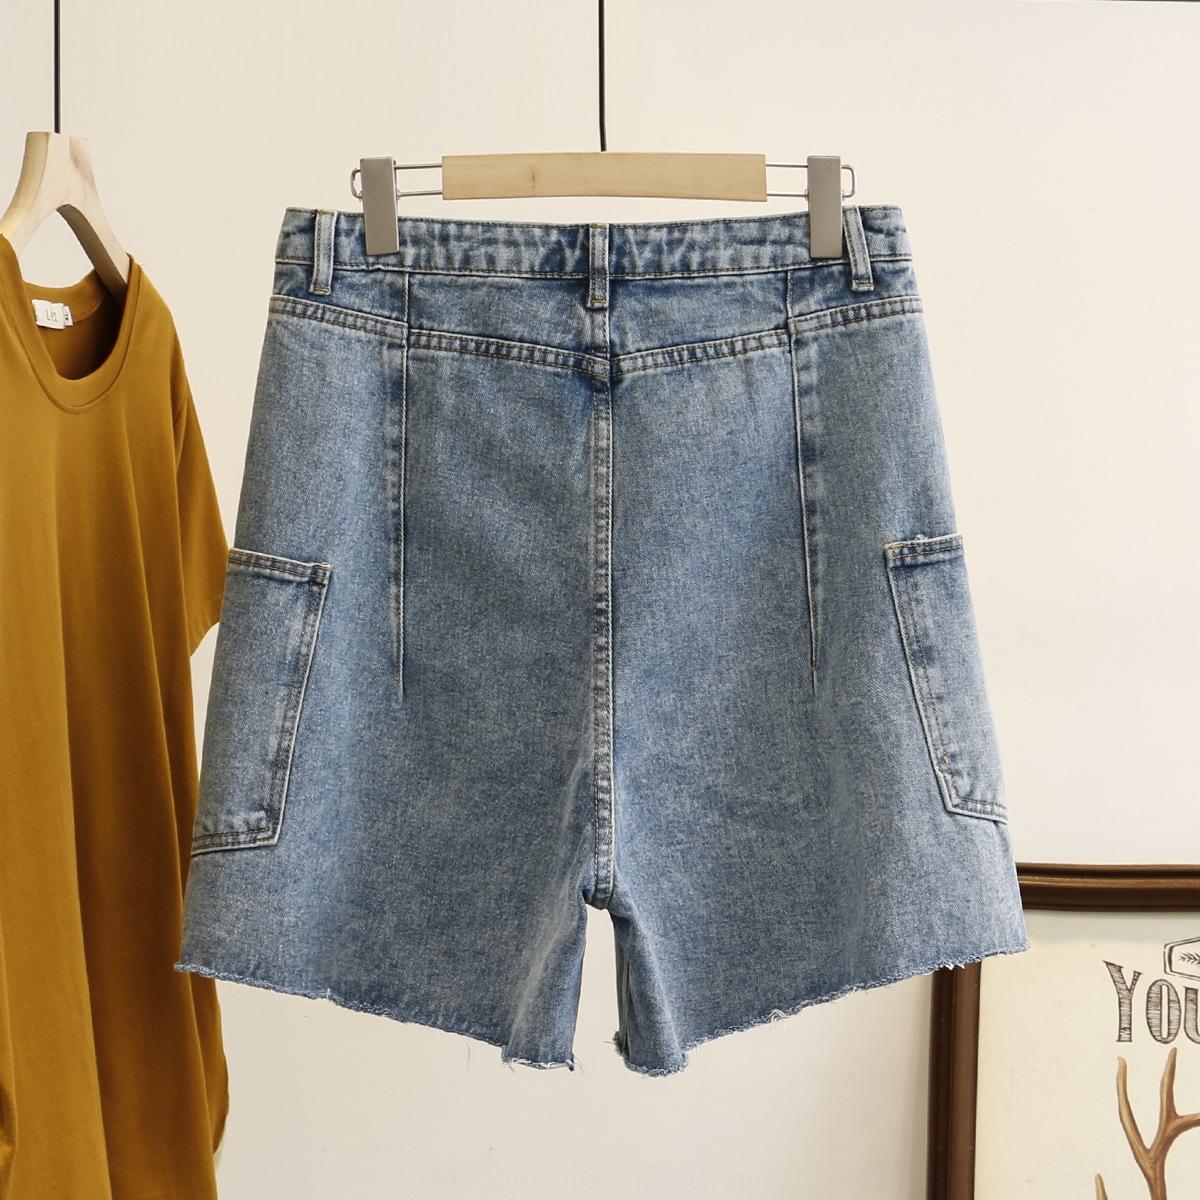 fRJby plus plus la taille des vêtements gras 200kg femmes et Shorts nouveaux jeans à la mode outillage Jeans et pantalons shorts été mm 7802